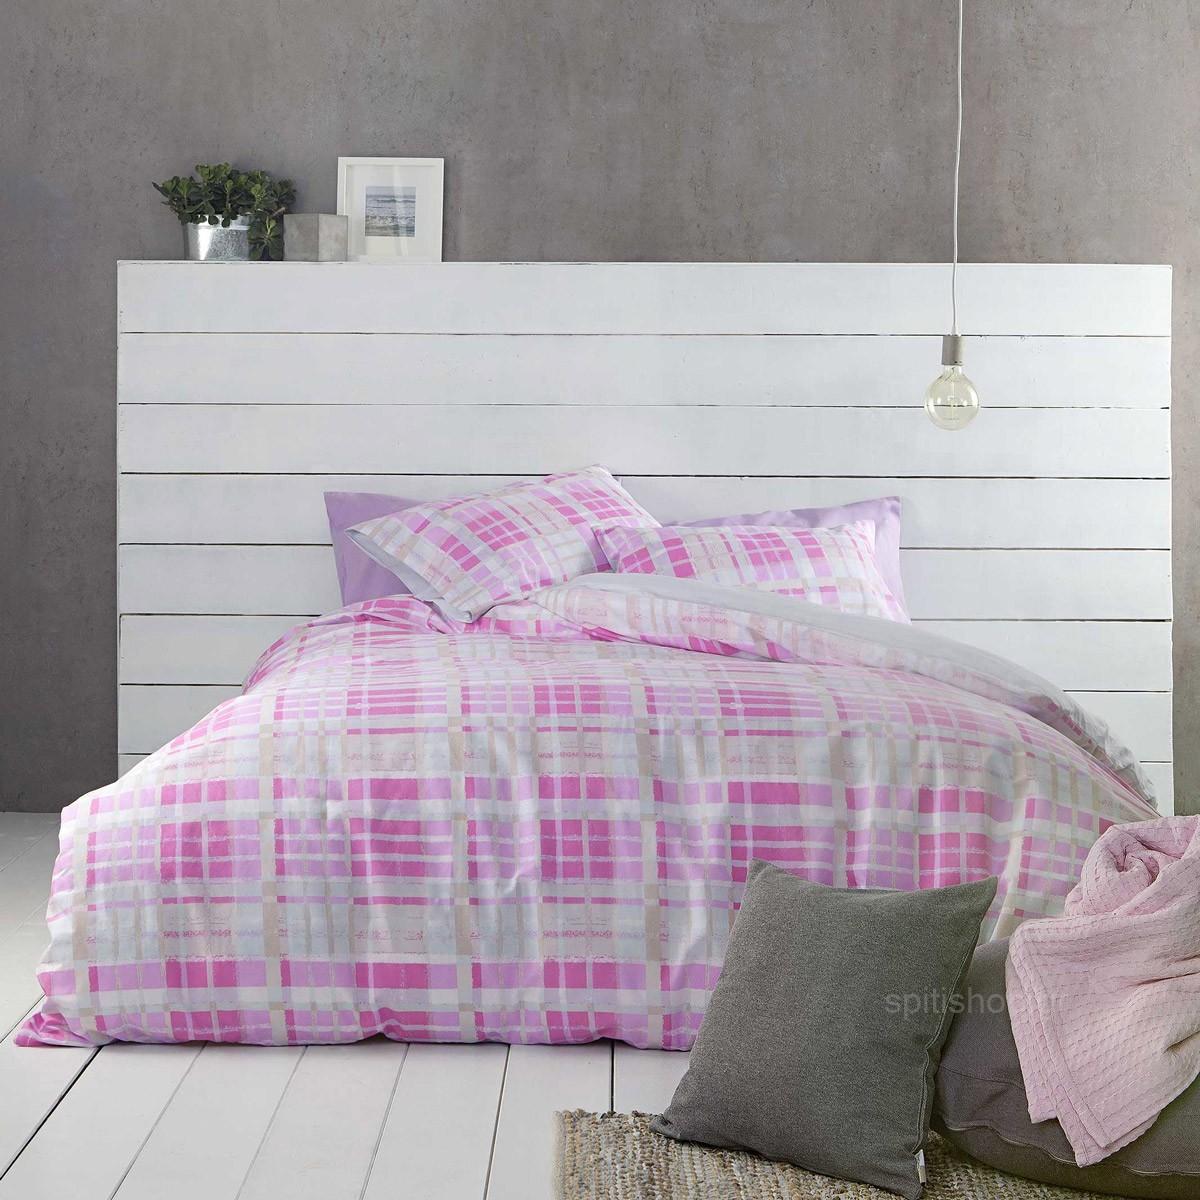 Σεντόνια Υπέρδιπλα (Σετ) Nima Bed Linen Melville Pink ΧΩΡΙΣ ΛΑΣΤΙΧΟ ΧΩΡΙΣ ΛΑΣΤΙΧΟ